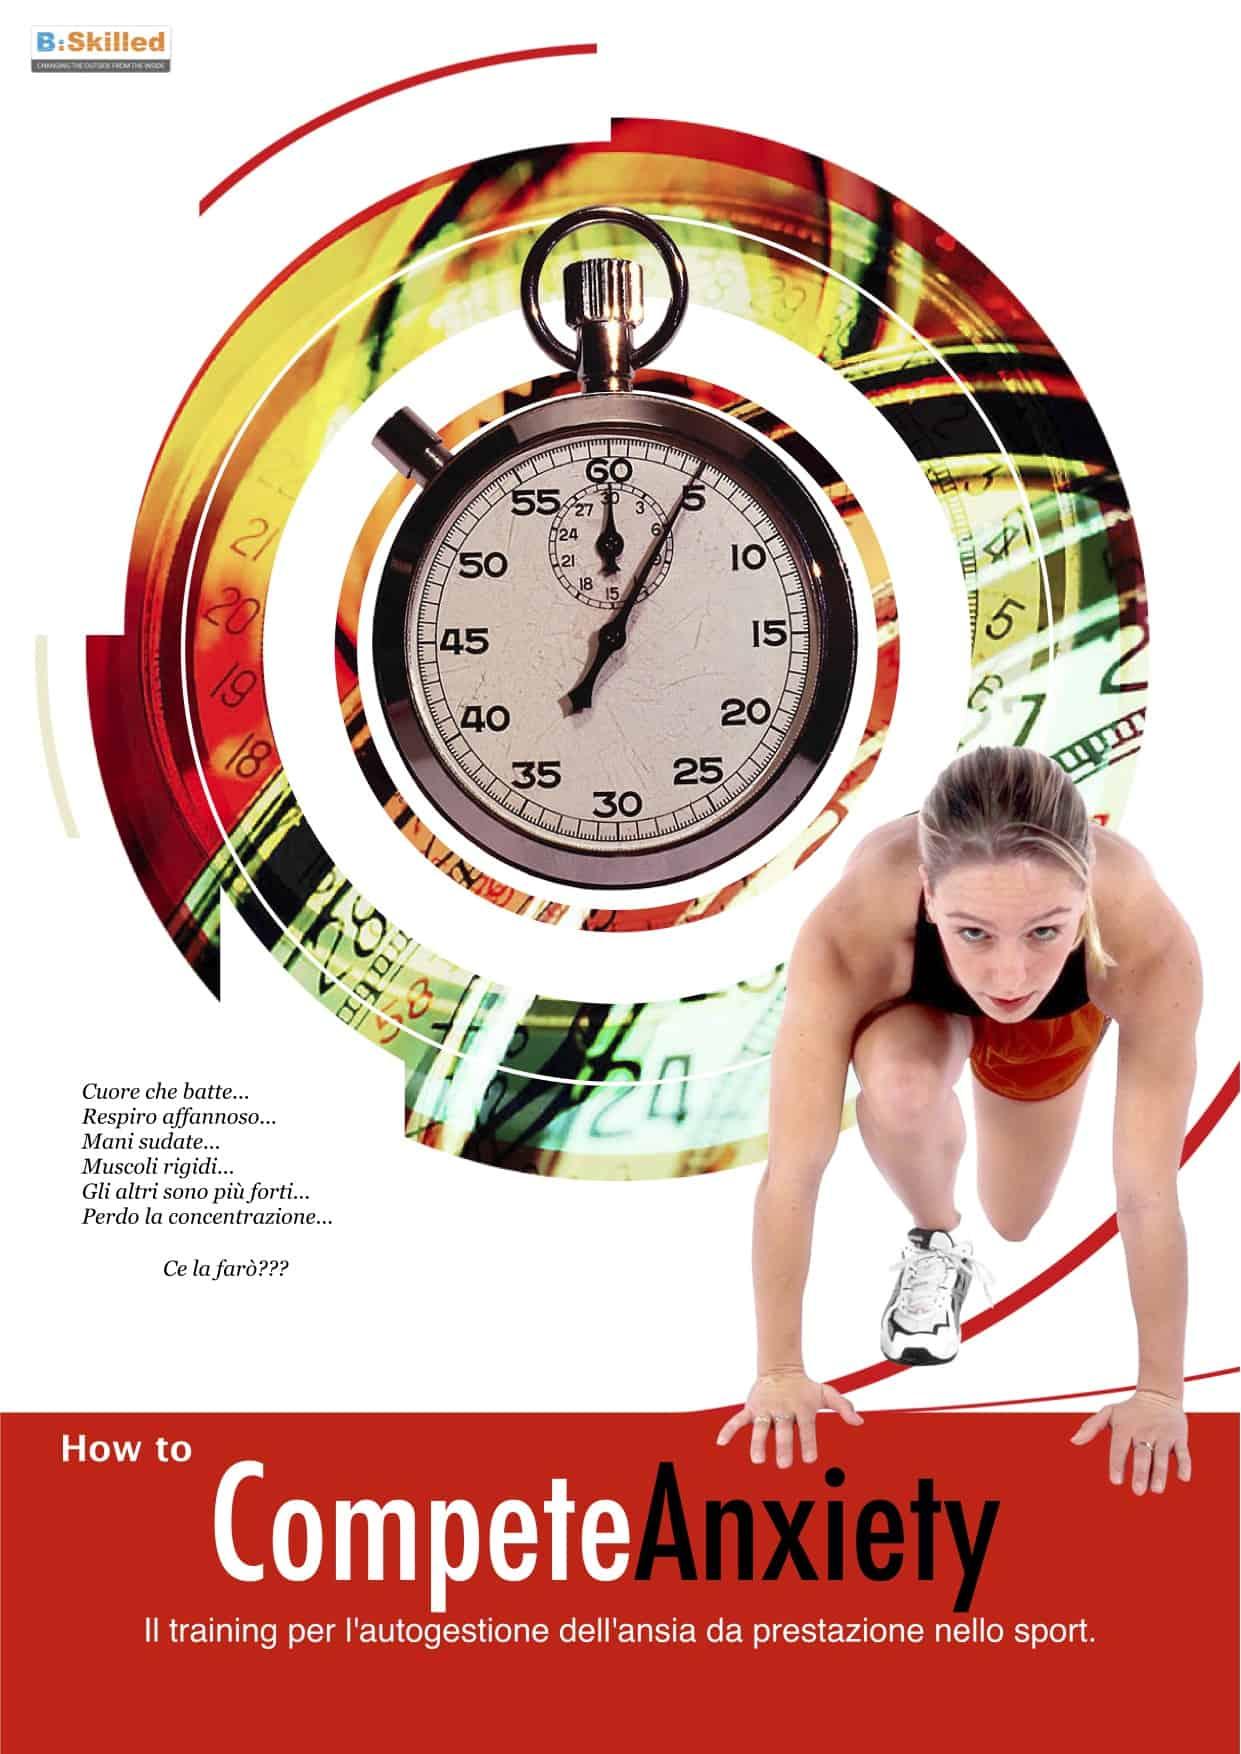 BSKILLED - Psicologia dello sport e della performance Training per l'ansia competitiva psicologia sportiva psicologia dello sport ottimizzazione prestazione sportiva miglioramento della prestazione sportiva mental training dvd cd atleti ansia da prestazione sportiva ansia competitiva allenamento mentale